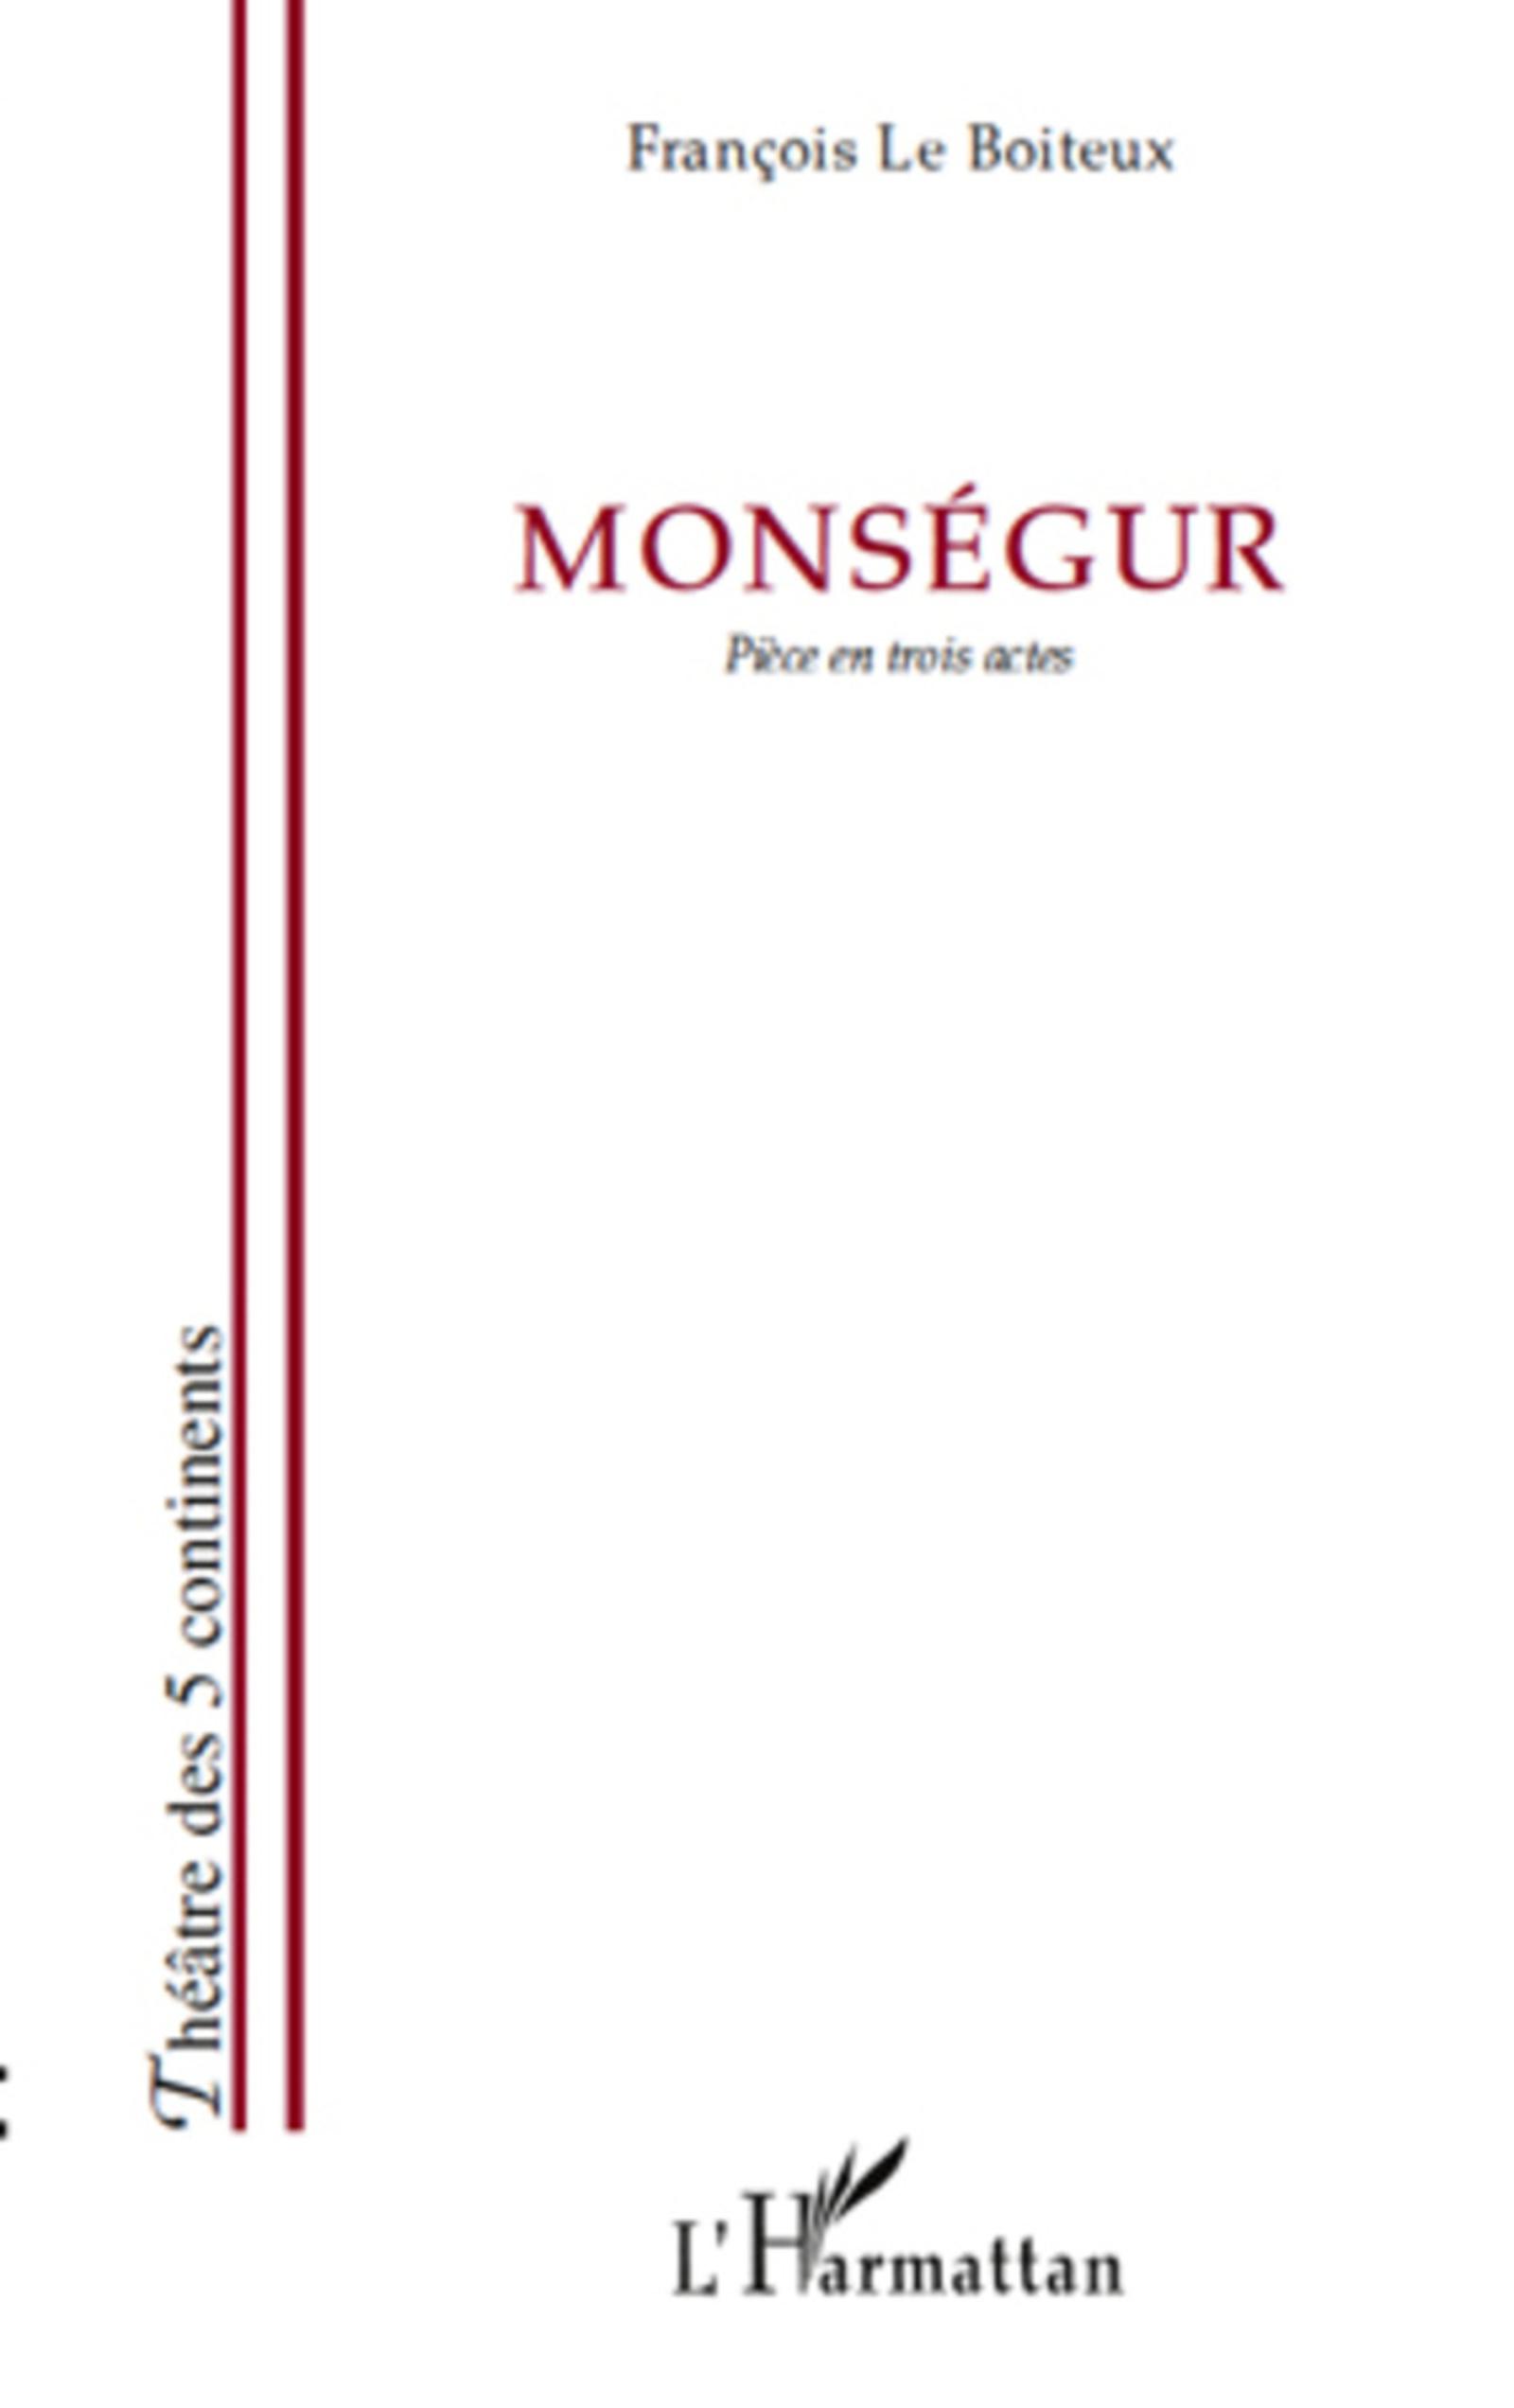 Monsegur Pièce Entrois Actes (French Edition)